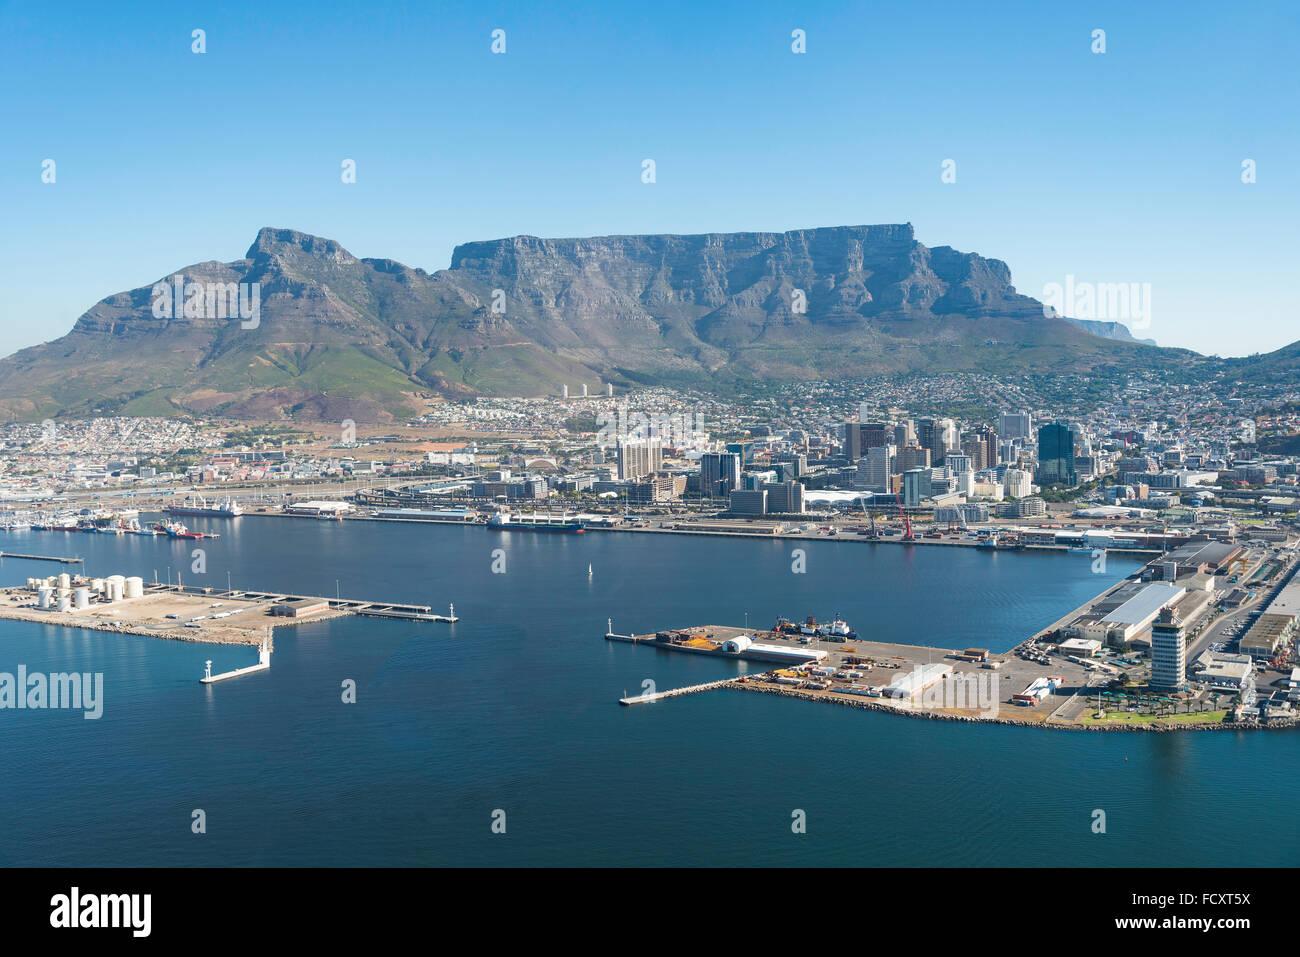 Luftaufnahme der Stadt und Hafen, City of Cape Town Metropolitan Municipality, Provinz Westkap, Südafrika Stockbild